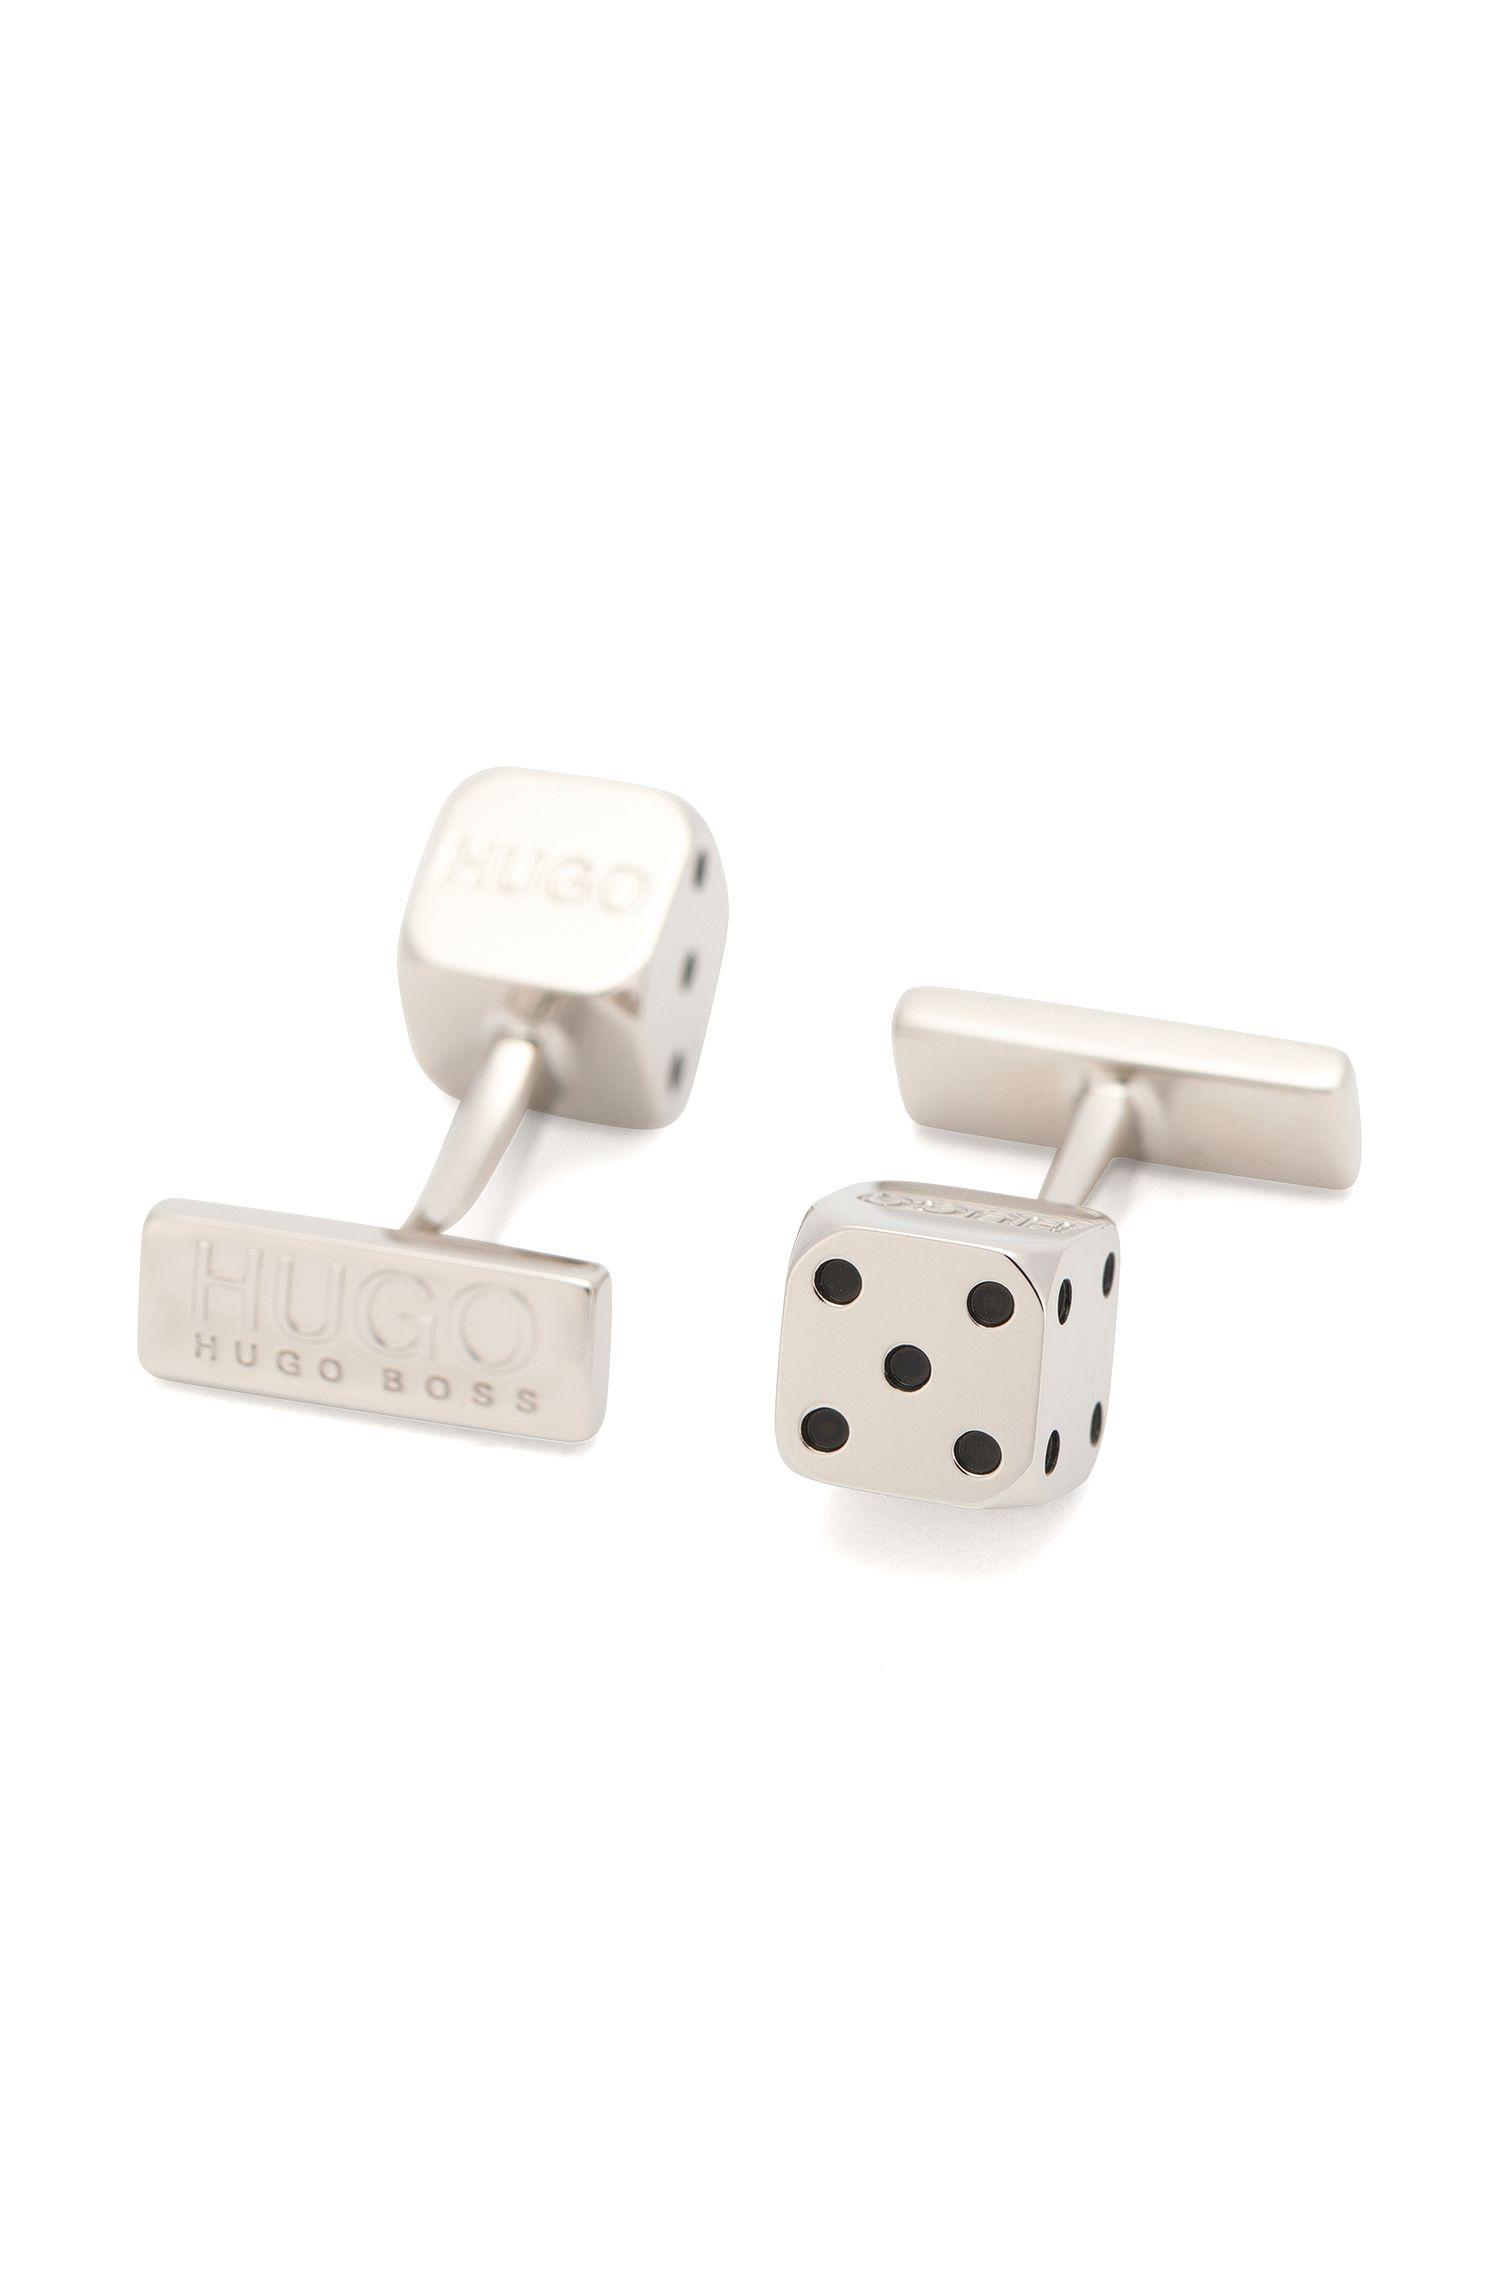 'E-DICE'   Brass Dice Cufflinks